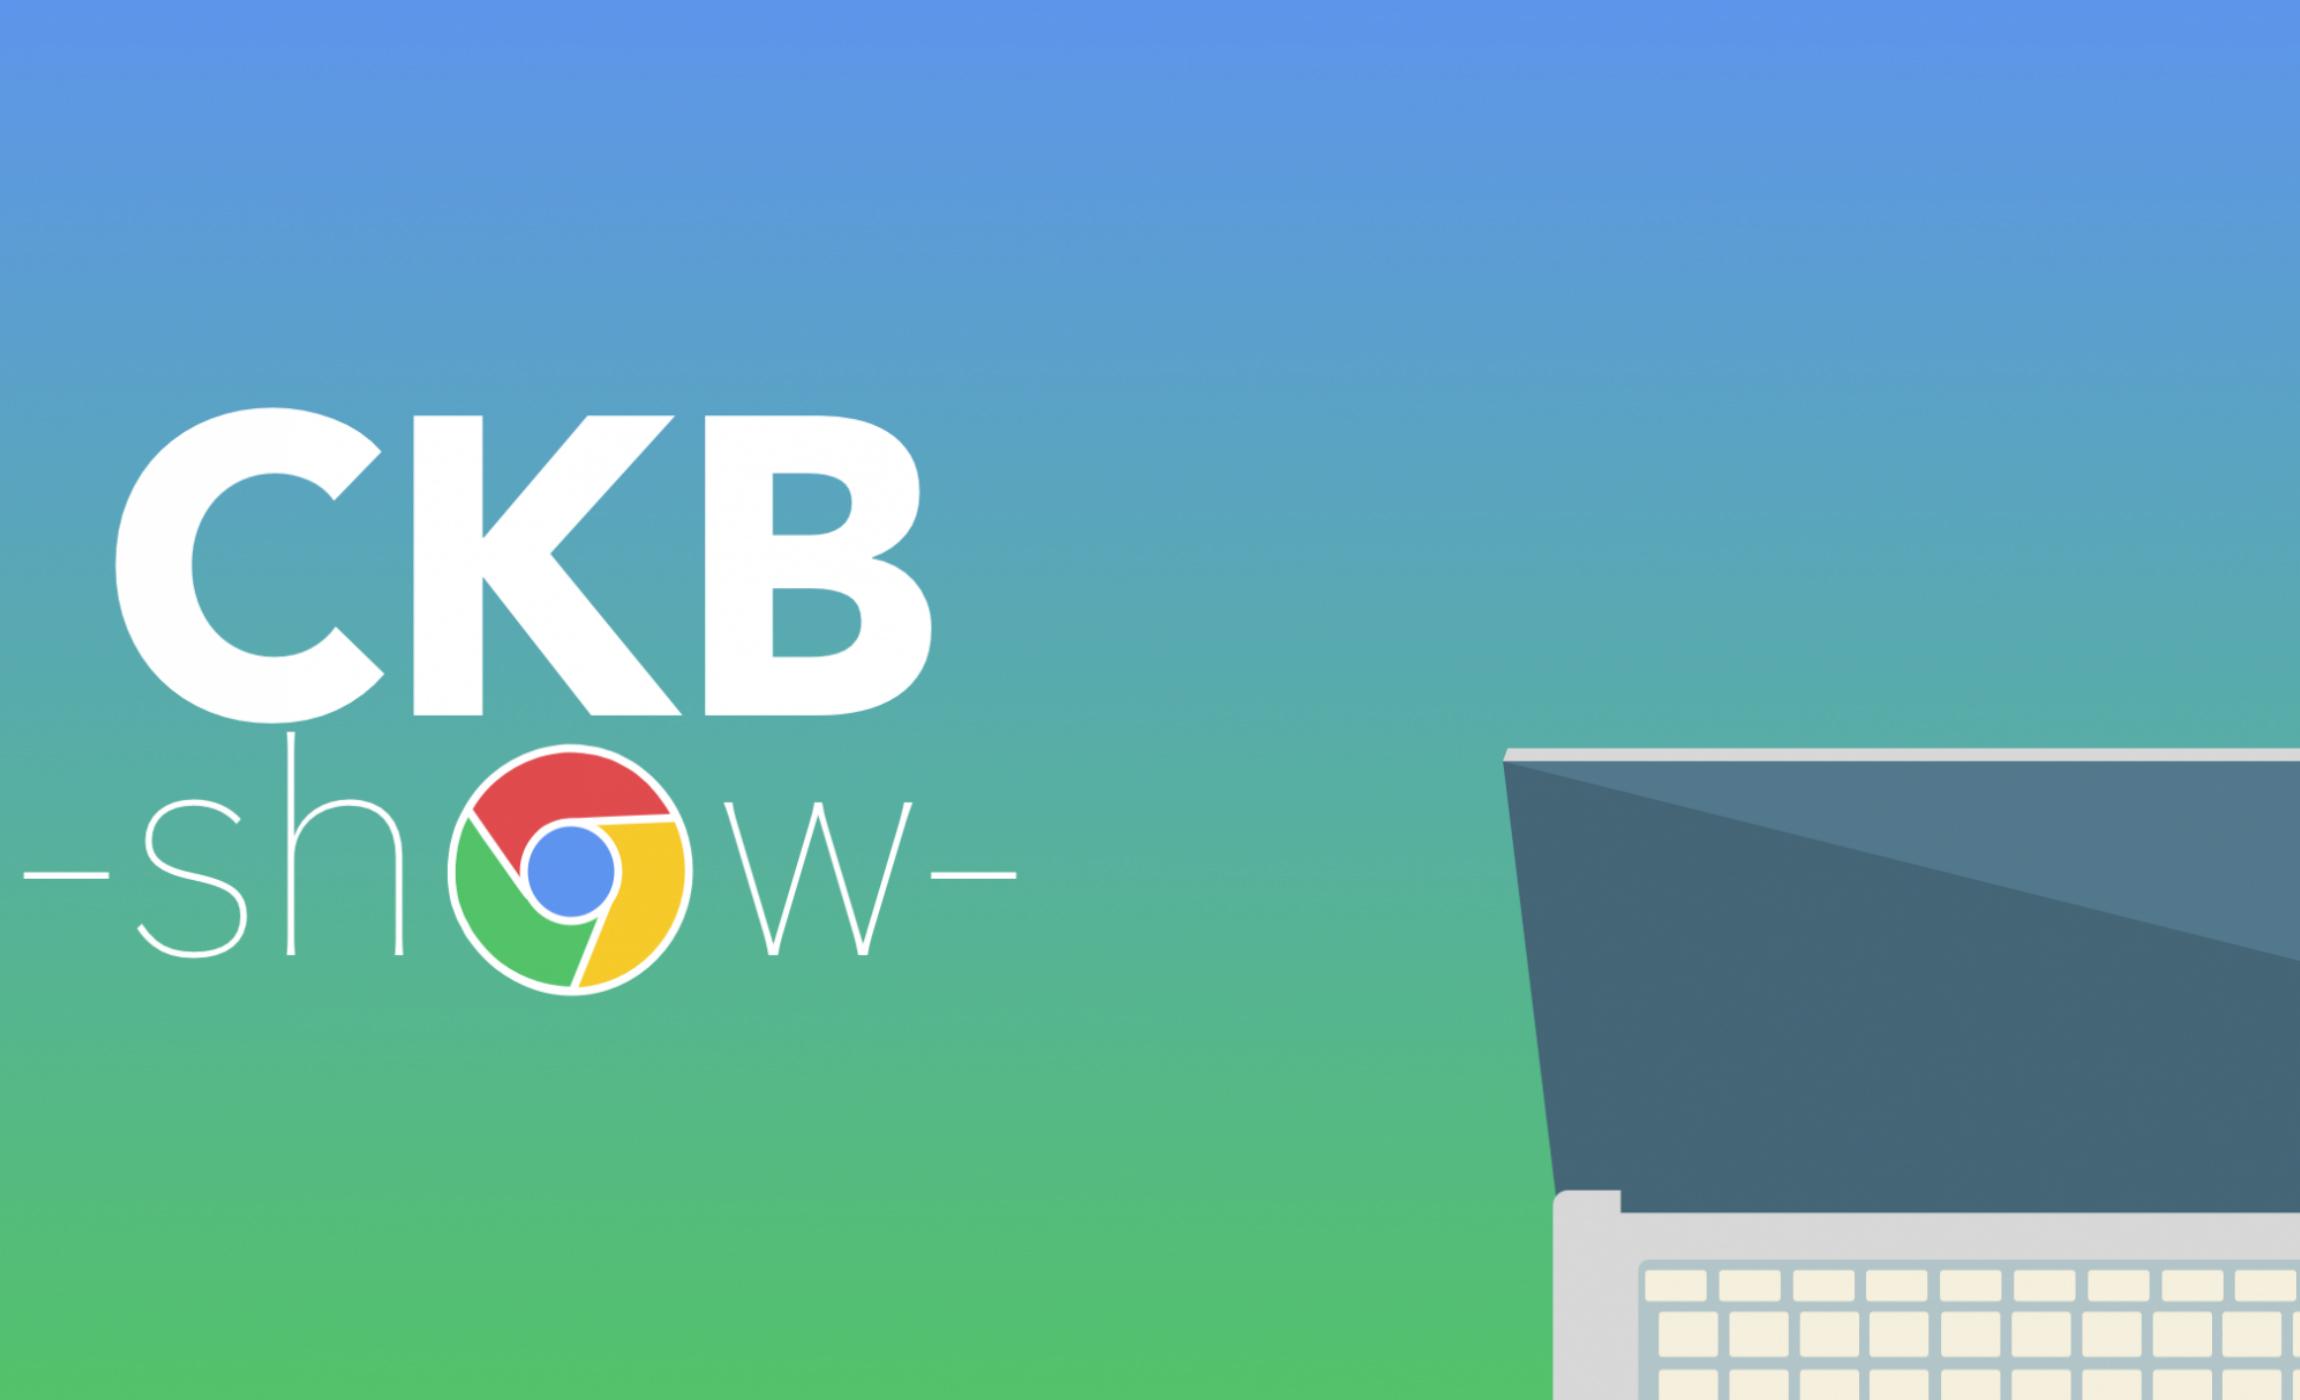 Ckb Show : le podcast qui parle de Google